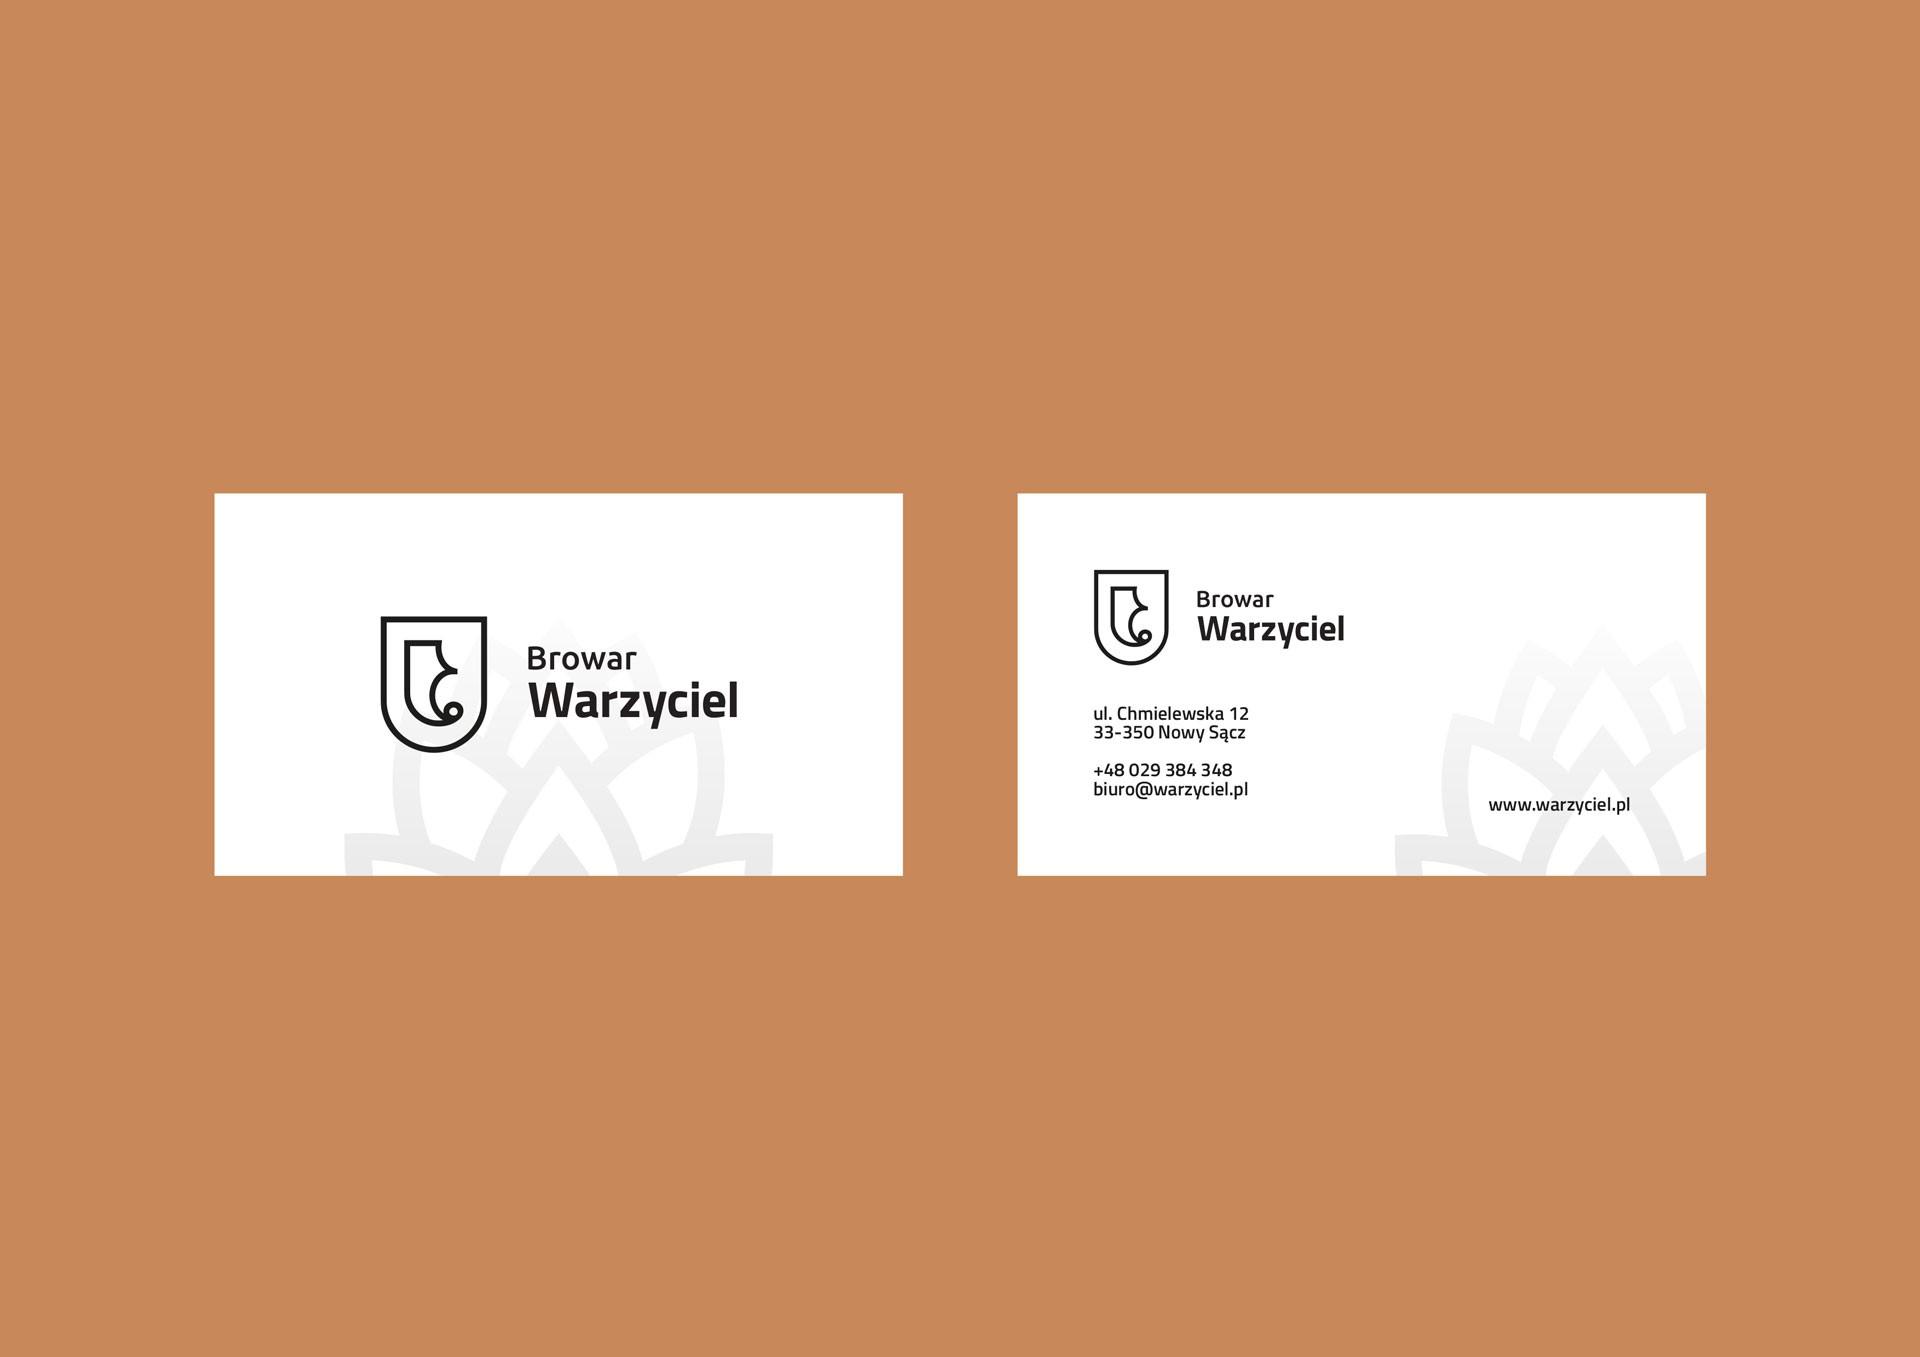 Proces projektowania logo browar warzyciel wizytowka